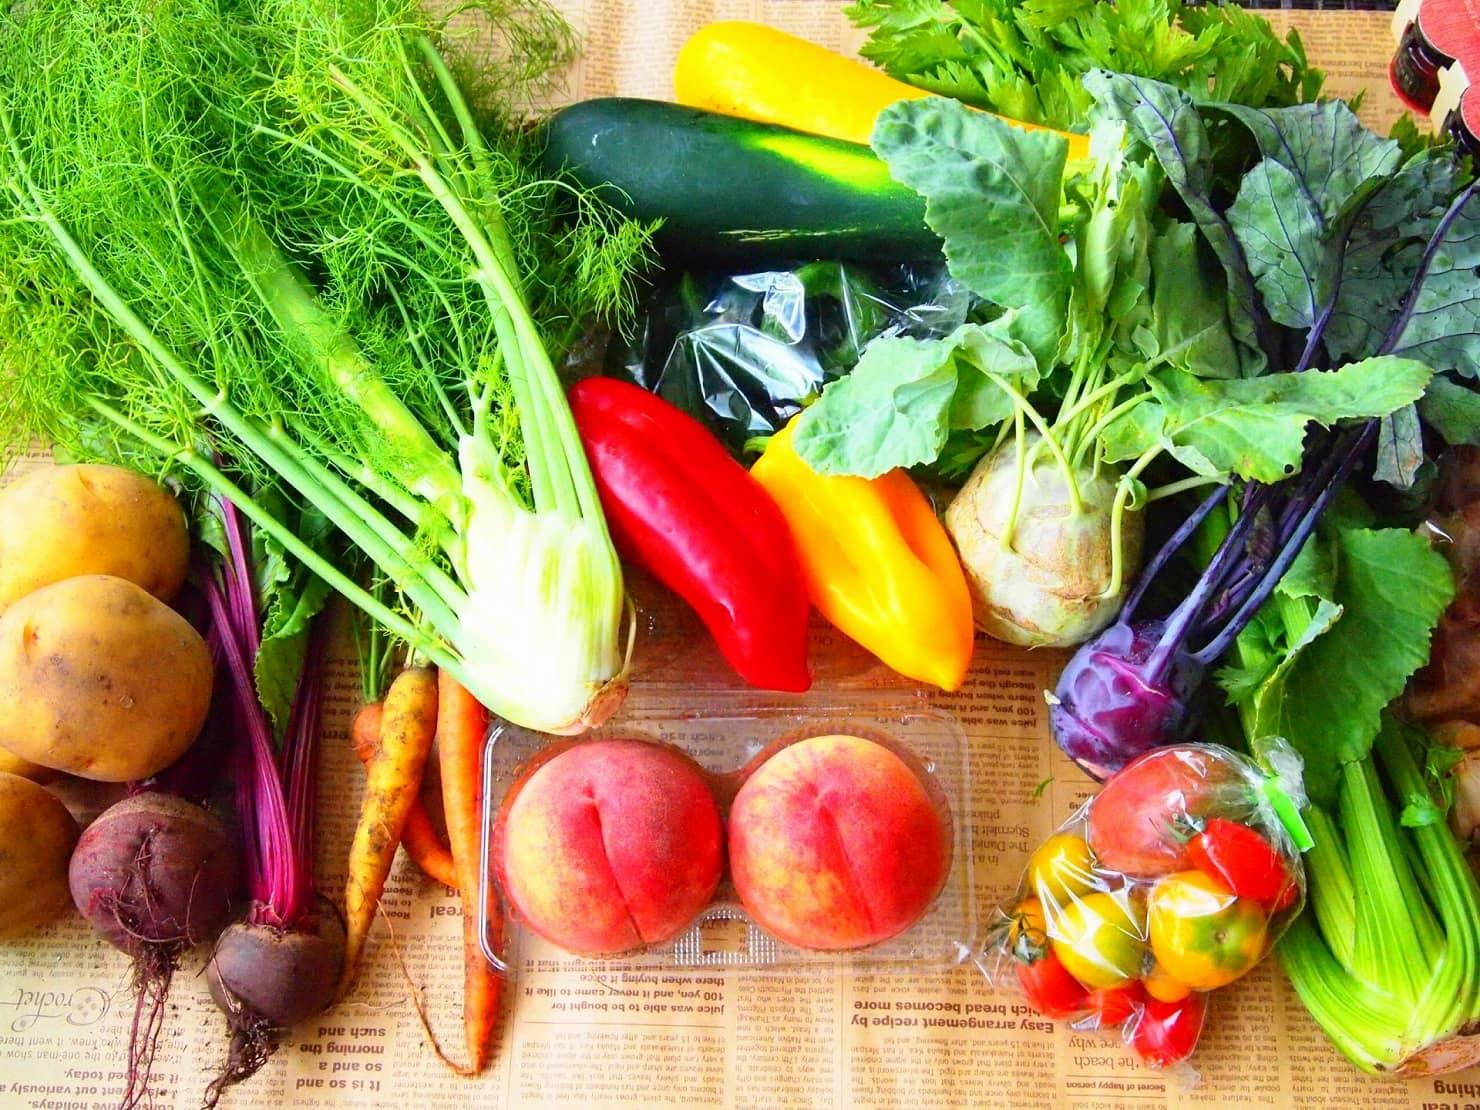 生日の離乳食作りのポイント:野菜と果物で色味と栄養を